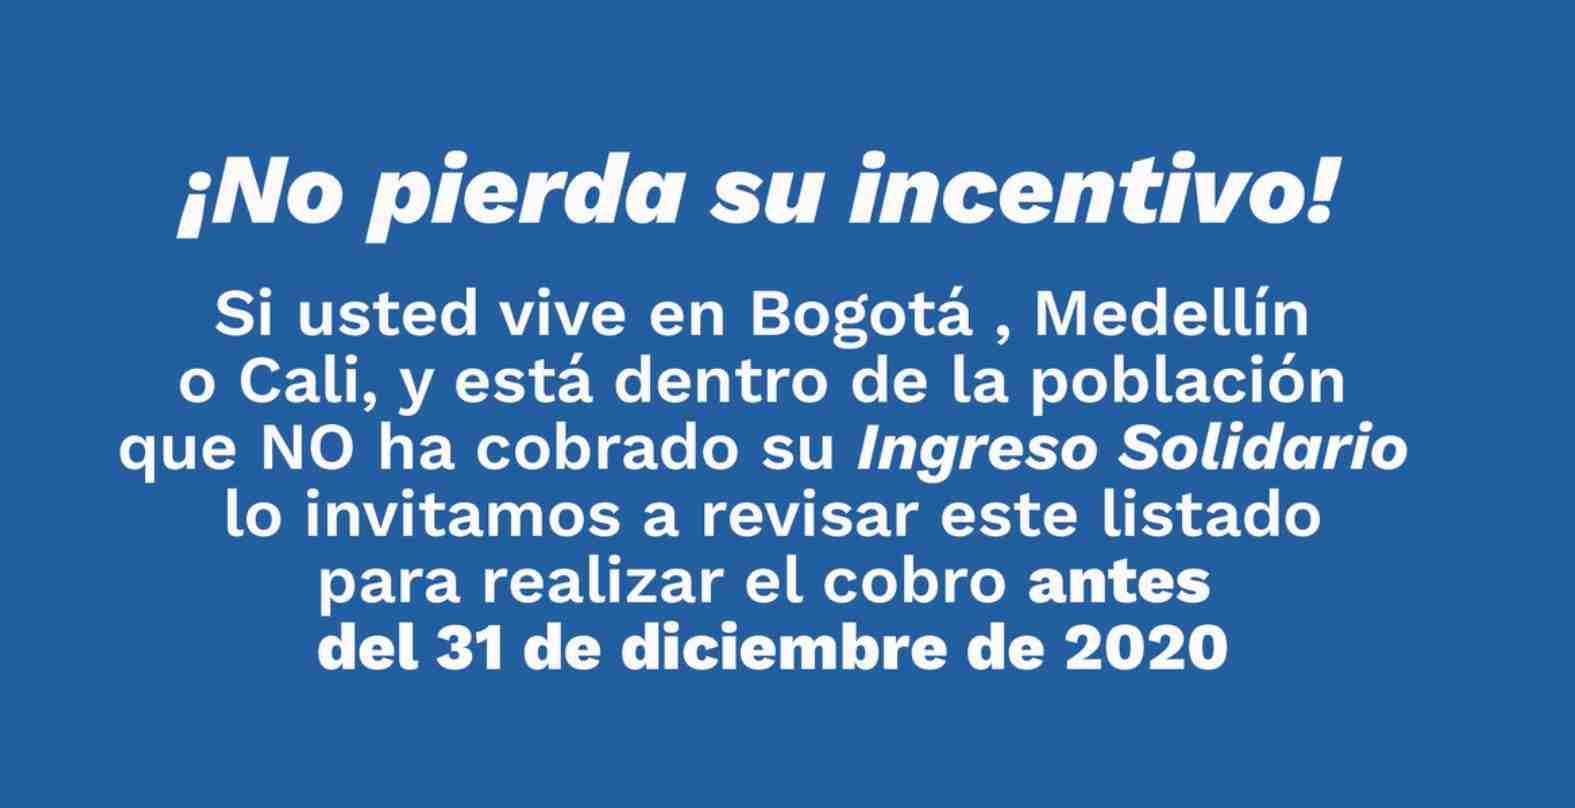 Ingreso Solidario 31 de diciembre: Mensaje Prosperidad Social